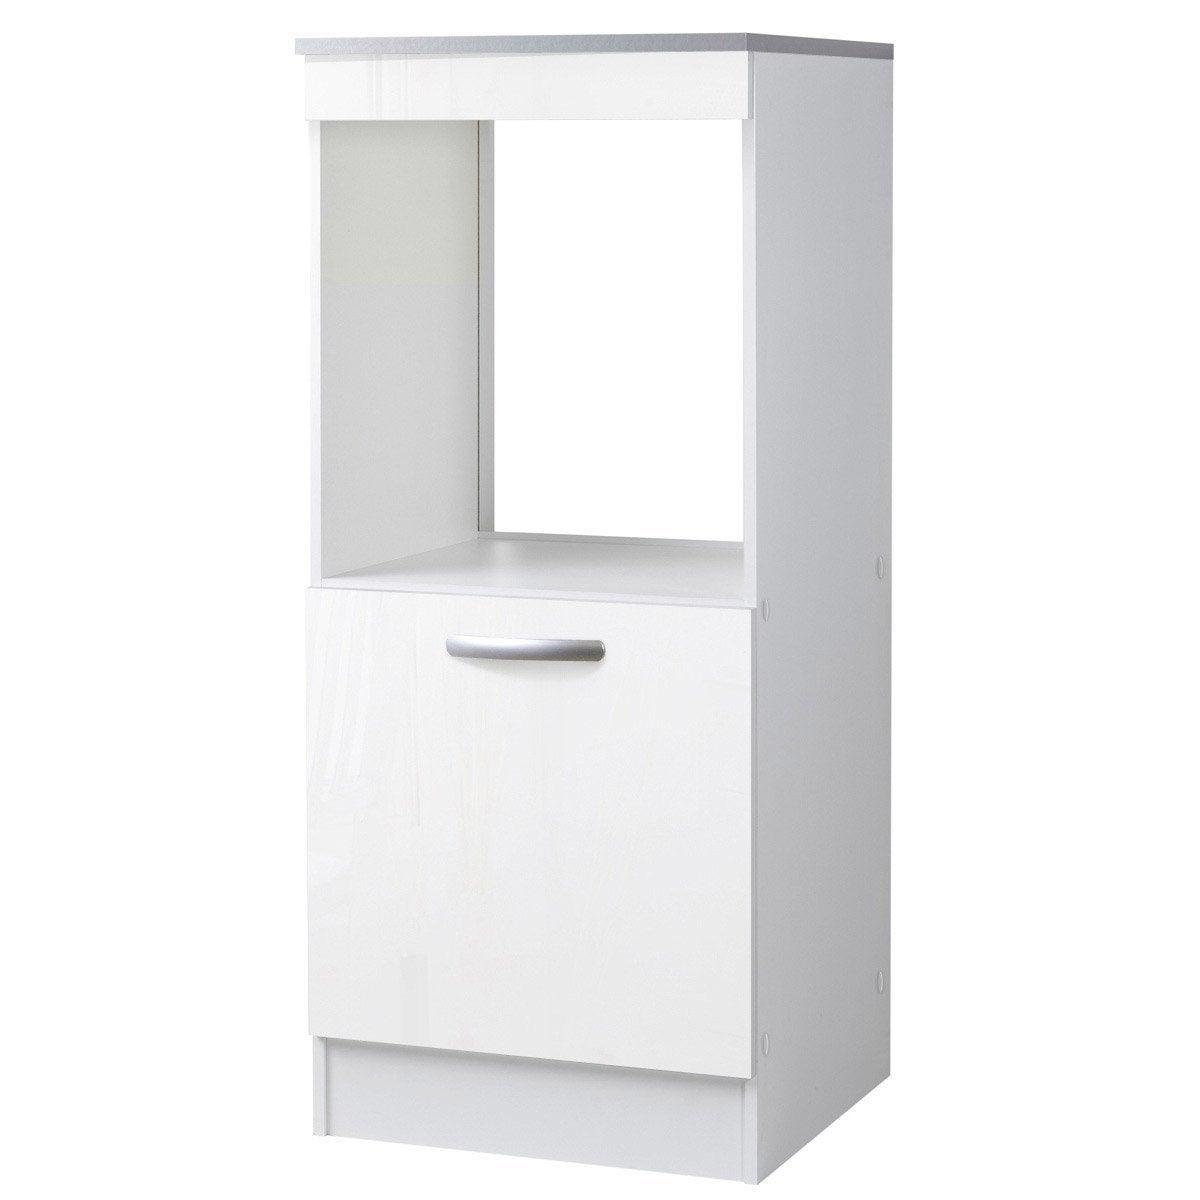 Meuble de cuisine 1 2 colonne 1 porte blanc brillant for Porte de 60 cm